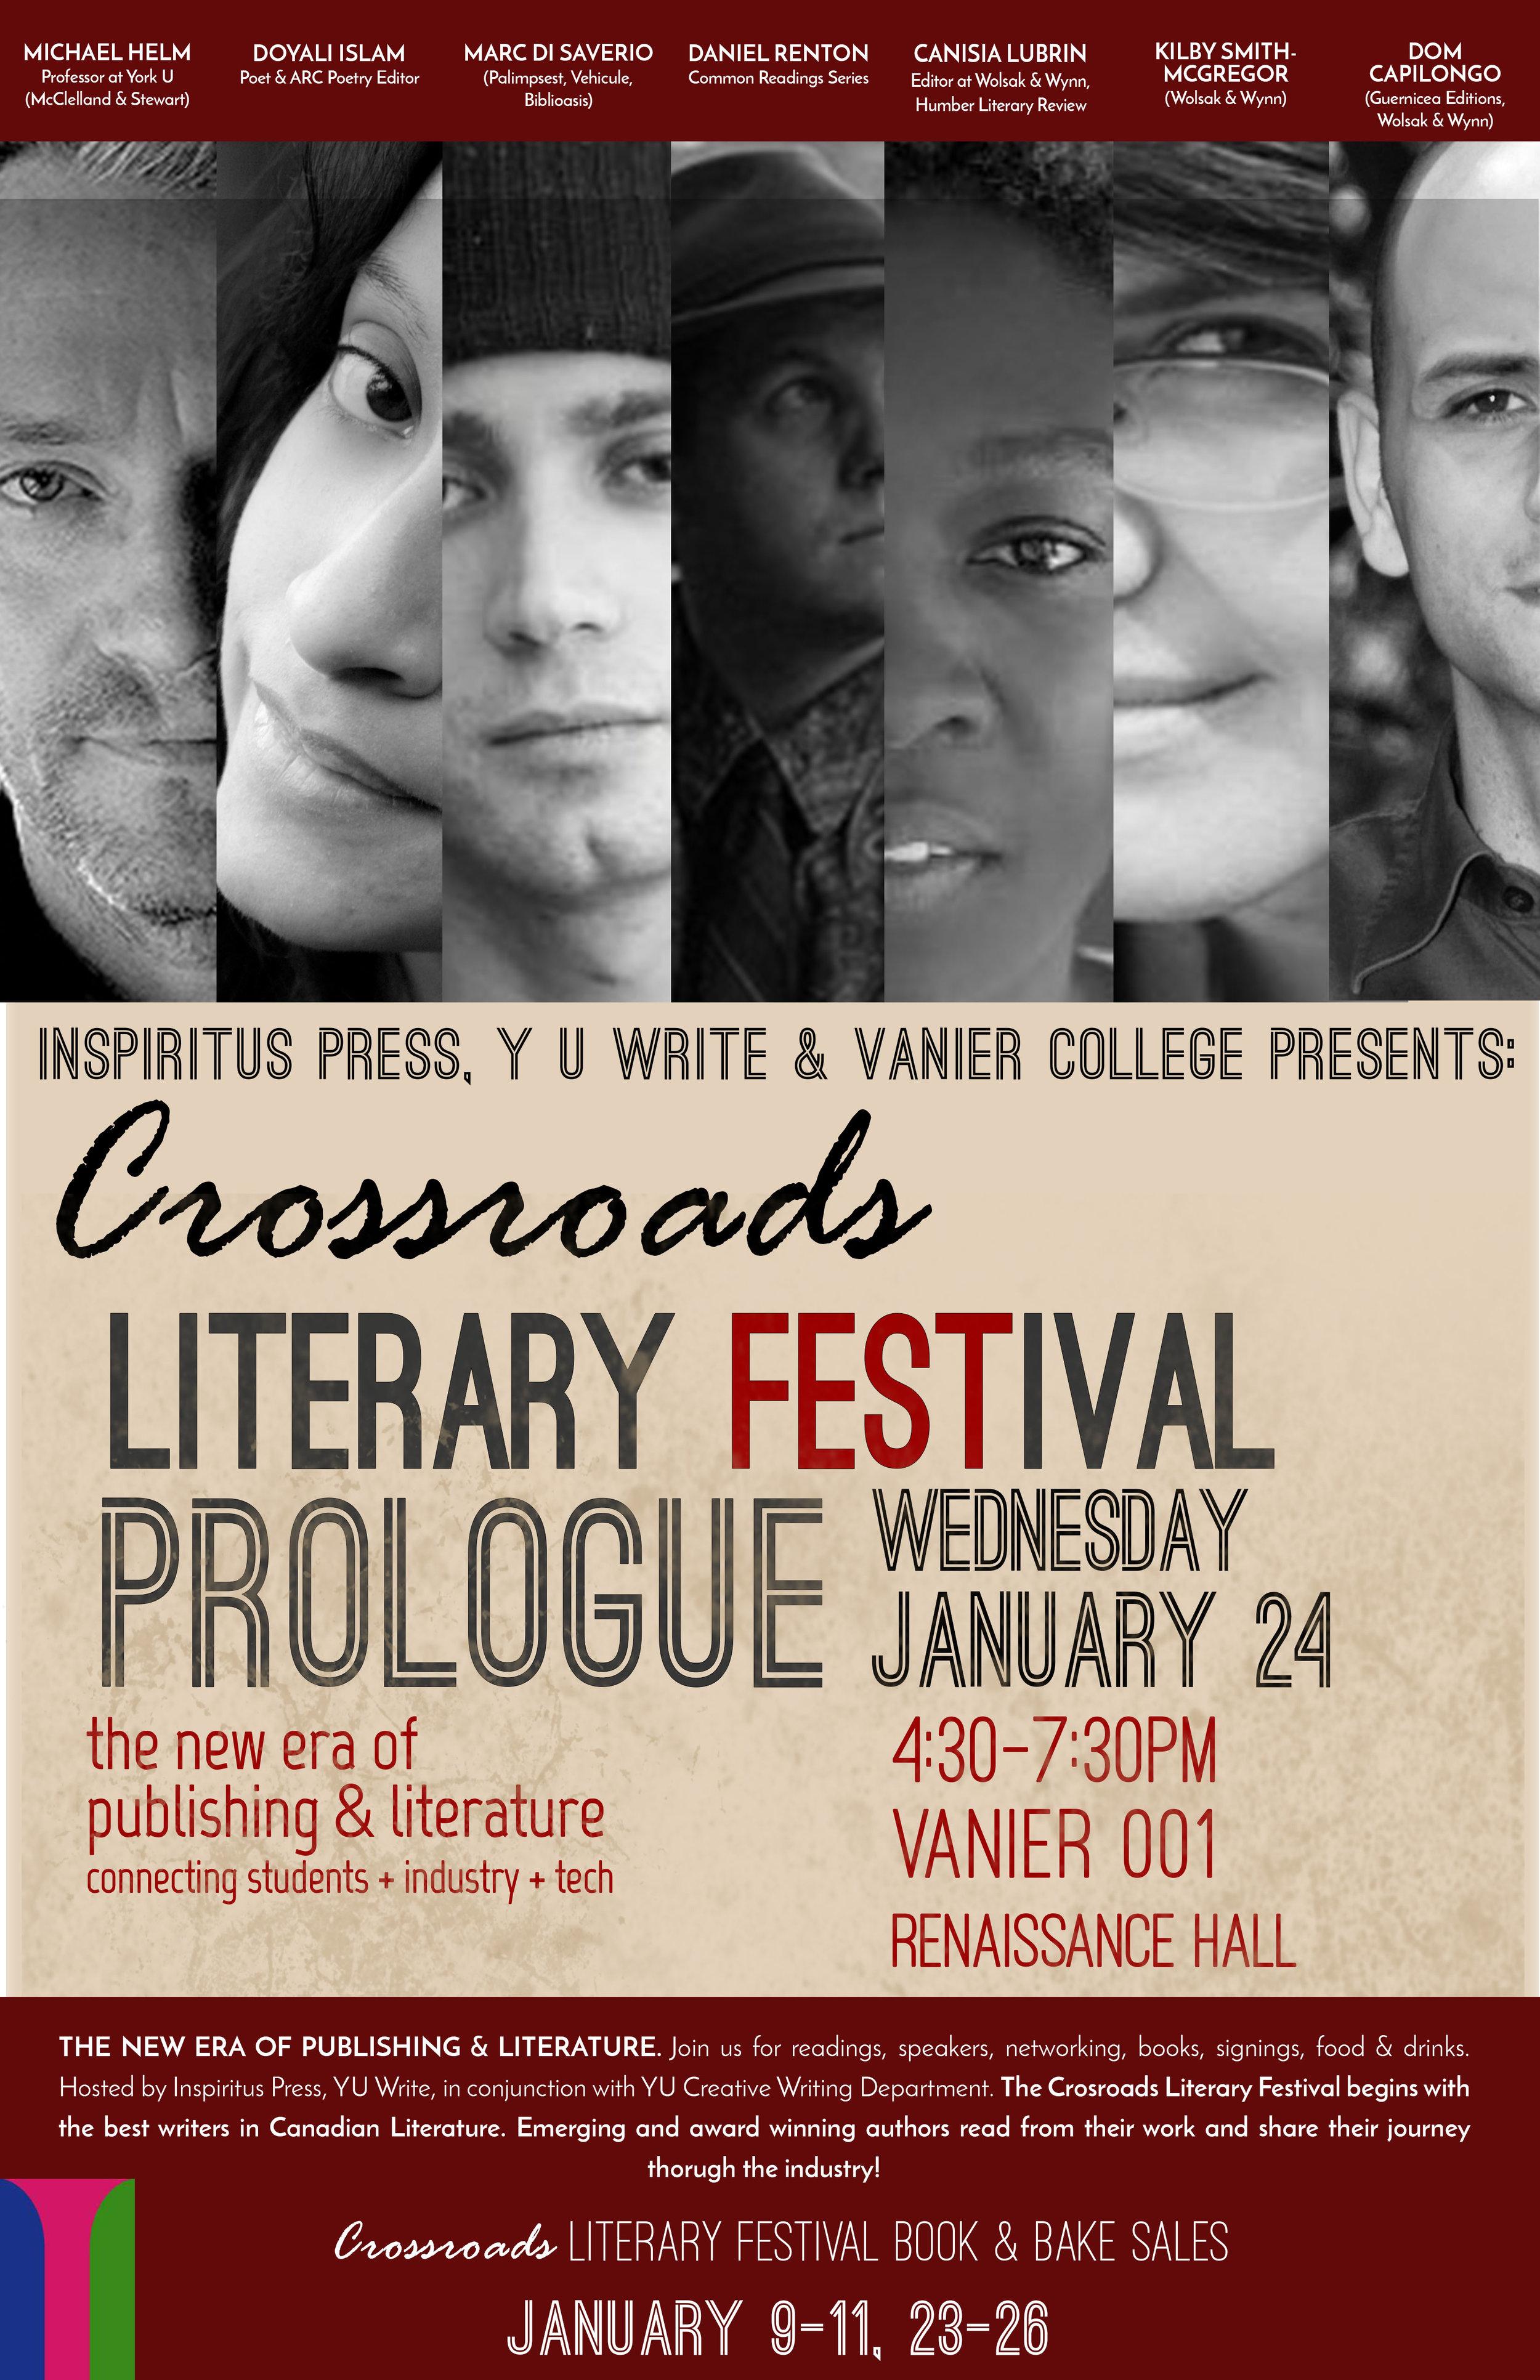 Crossroads Prologue.jpg